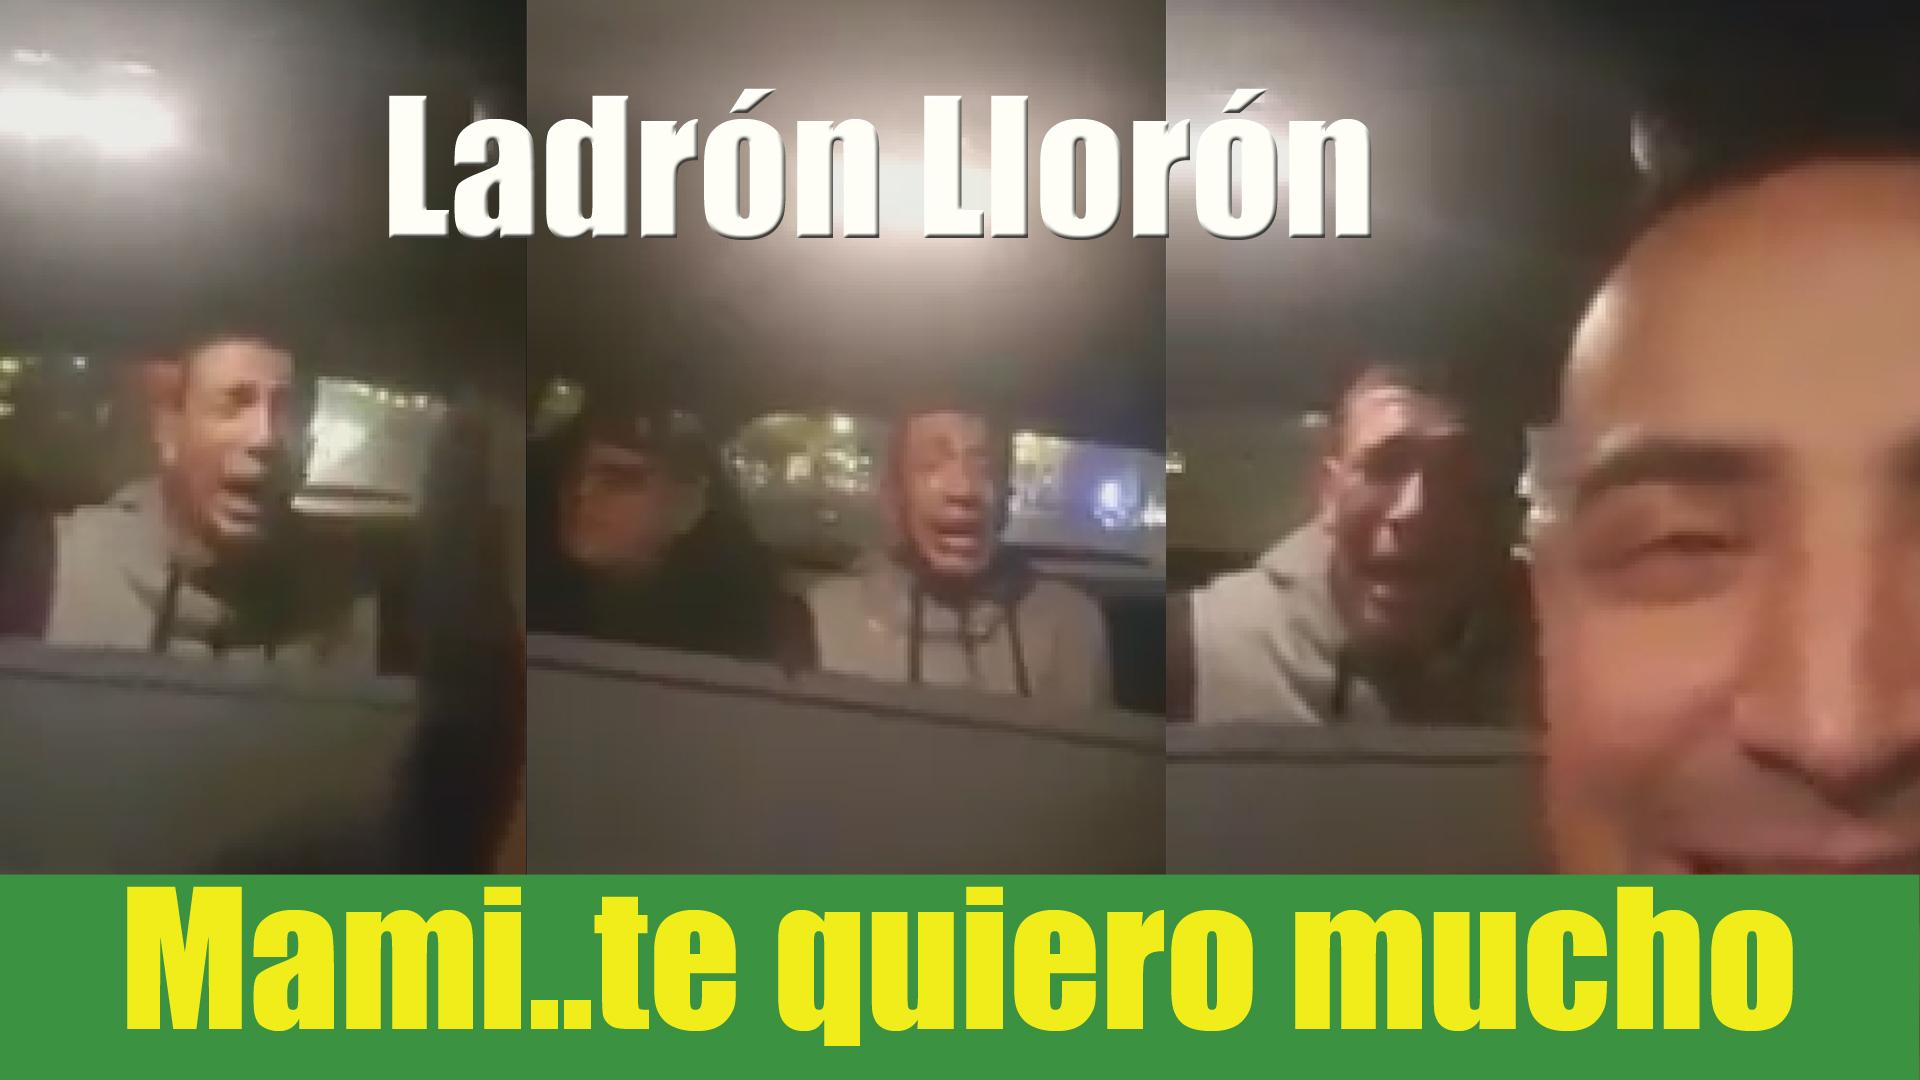 #LadrónLlorón: le pillan... y no deja de llorar y llamar a su mamá